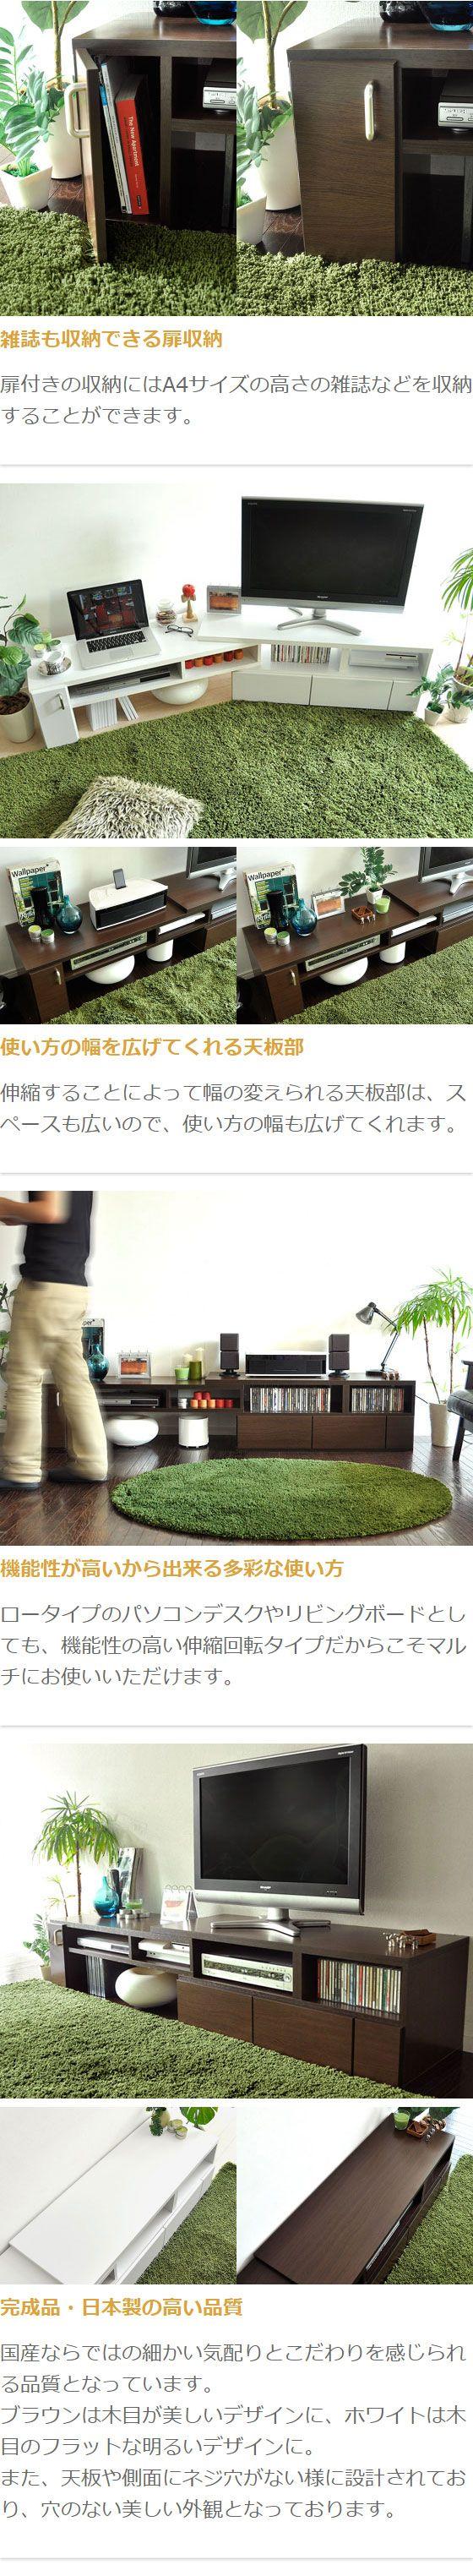 エア・リゾーム インテリア / 伸縮式テレビ台 コーナーテレビボード 完成品 日本製 Farinacea〔ファリナセア〕 ホワイト ブラウン ※こちらの商品は1月下旬〜2月上旬入荷分のご予約受け付けとなっております。